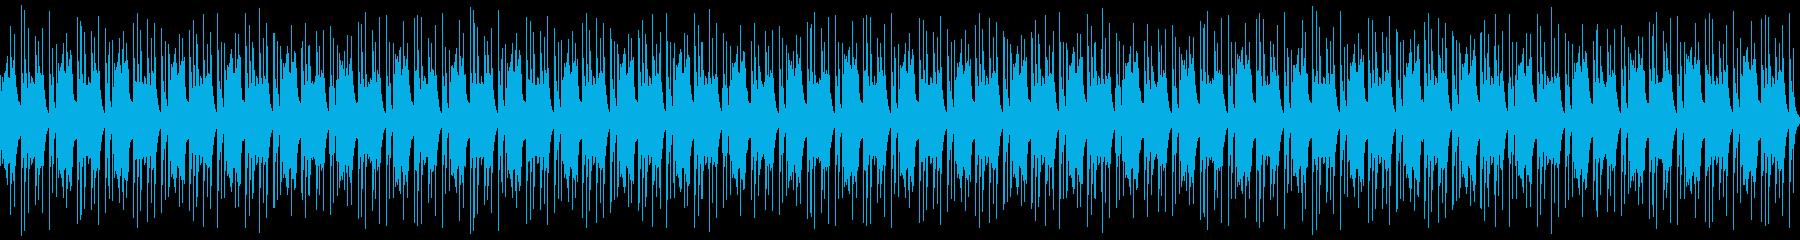 鐘/カウベル/シンセのループ の再生済みの波形